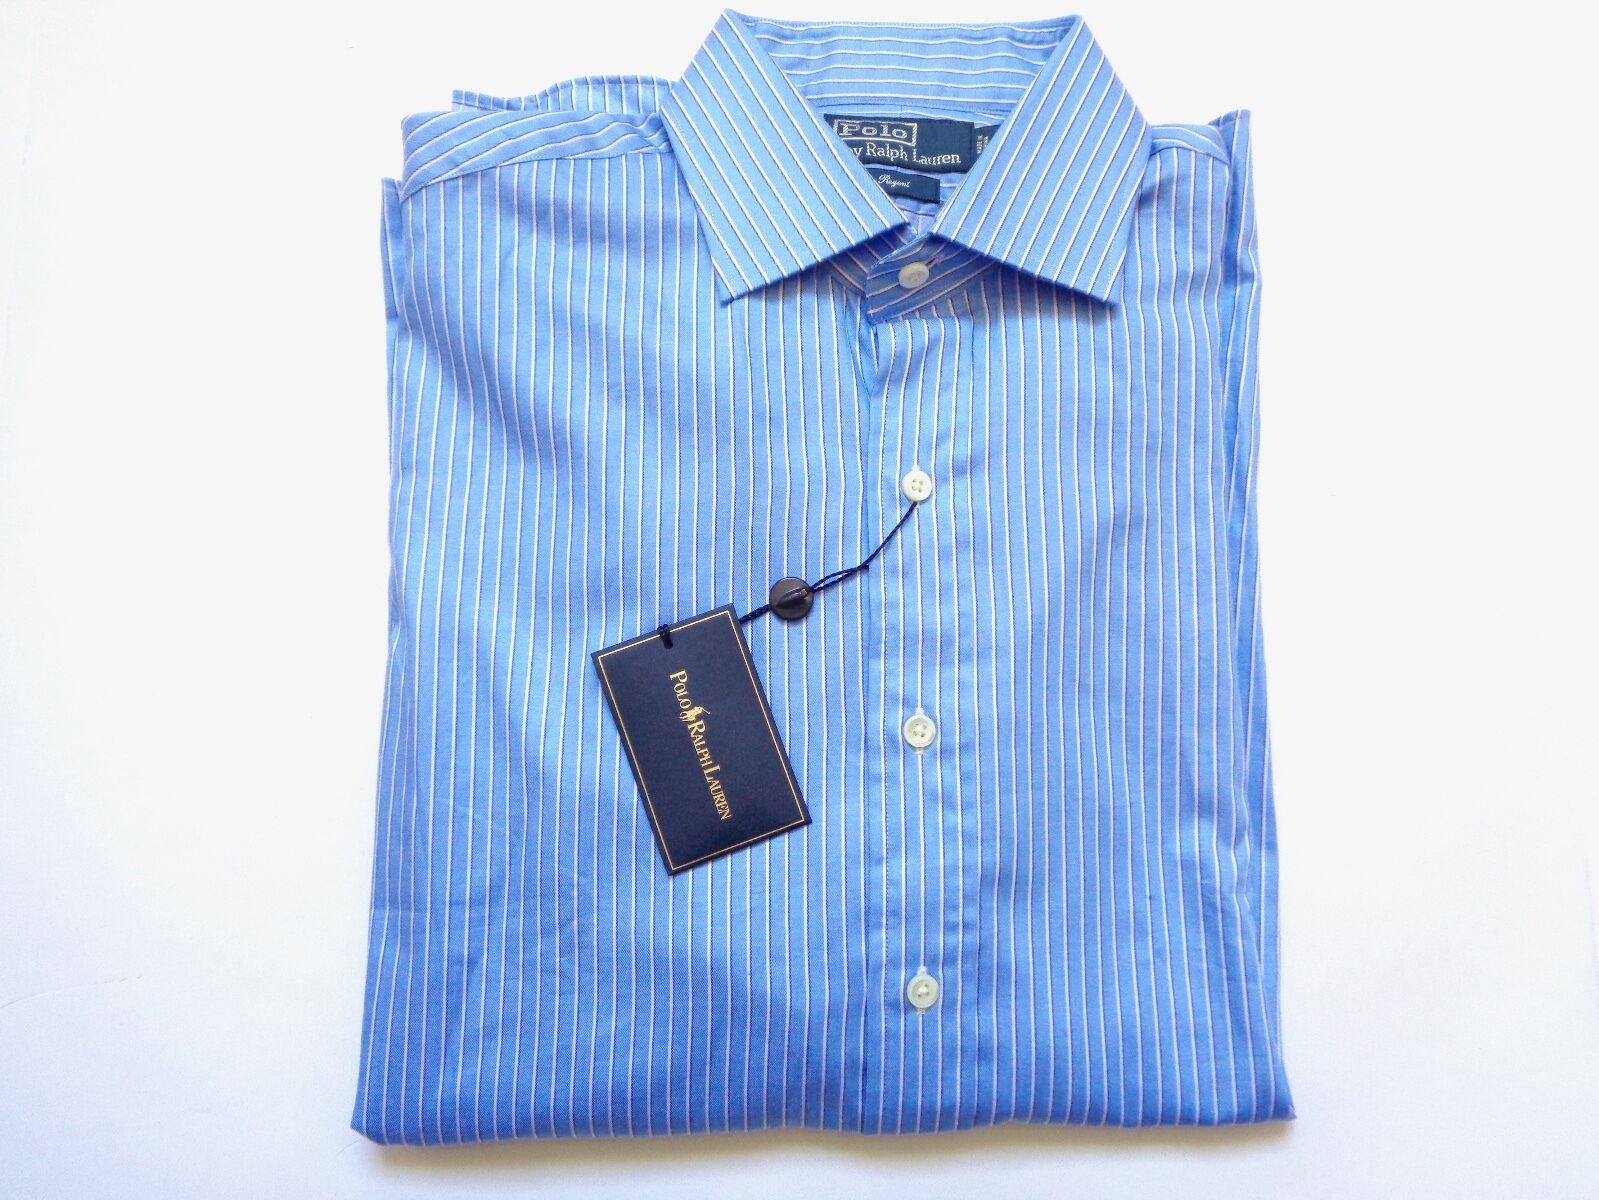 New Ralph Lauren Polo bluee Striped 100% Cotton Button Up Regent Shirt sz 16